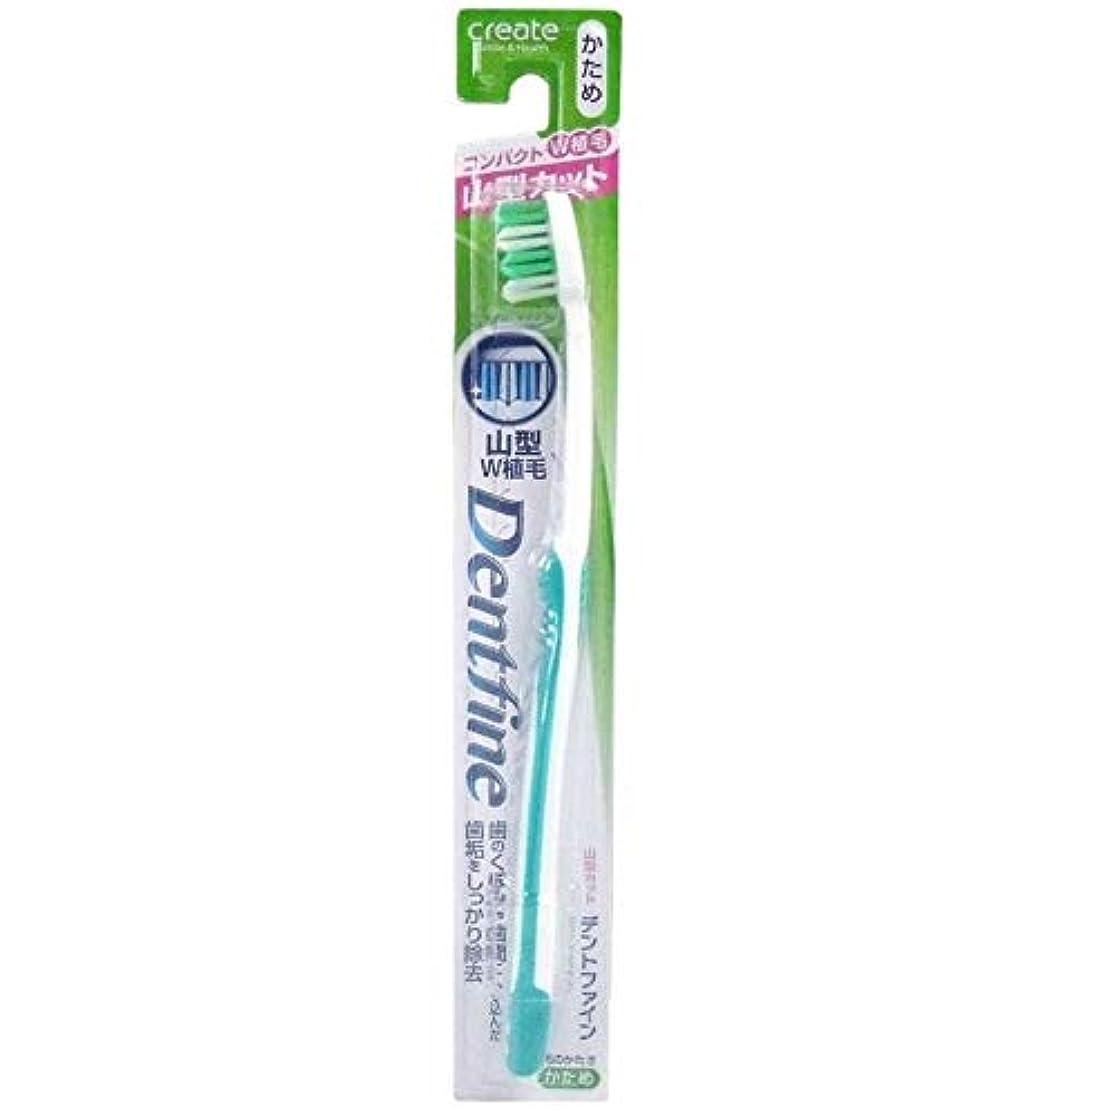 気怠いちょっと待って自分の力ですべてをするデントファイン ラバーグリップ 山切りカット 歯ブラシ かため 1本:グリーン